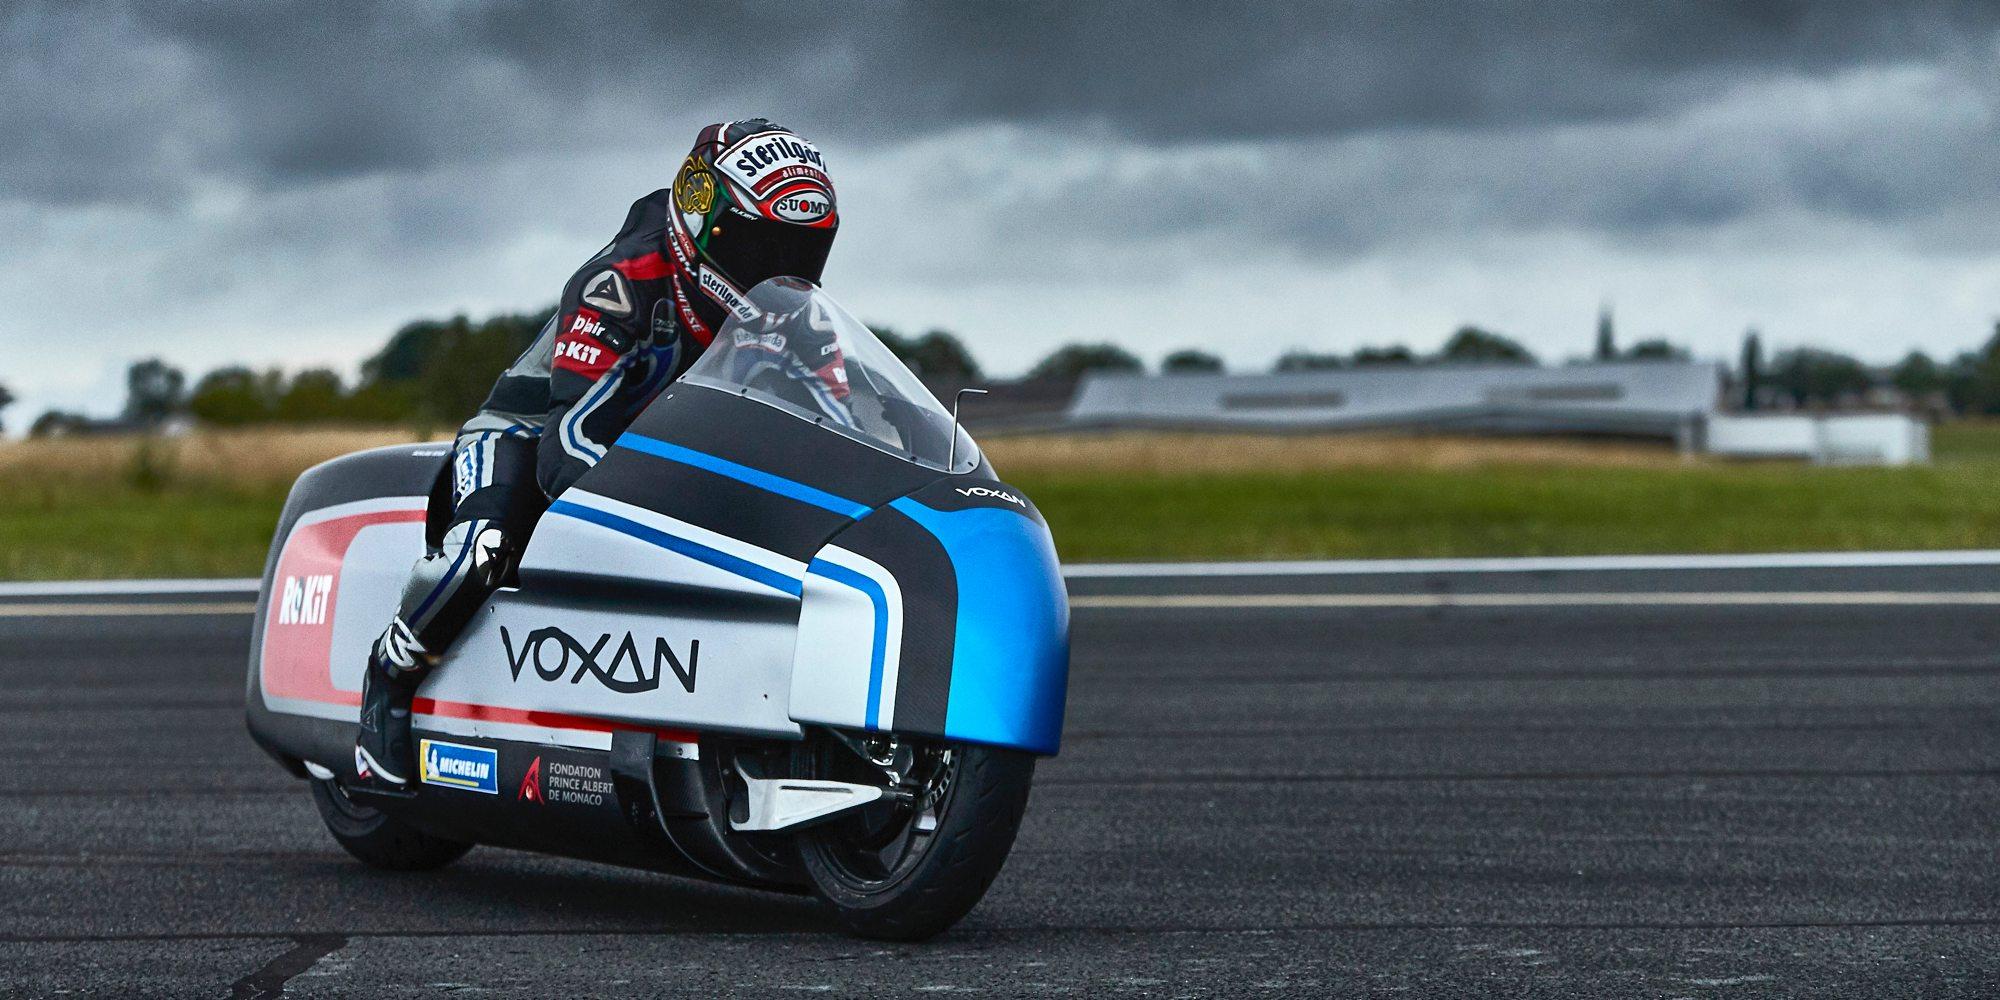 Voxan Wattman Elettrica, la moto elettrica più veloce al mondo. Parola di Max Biaggi!